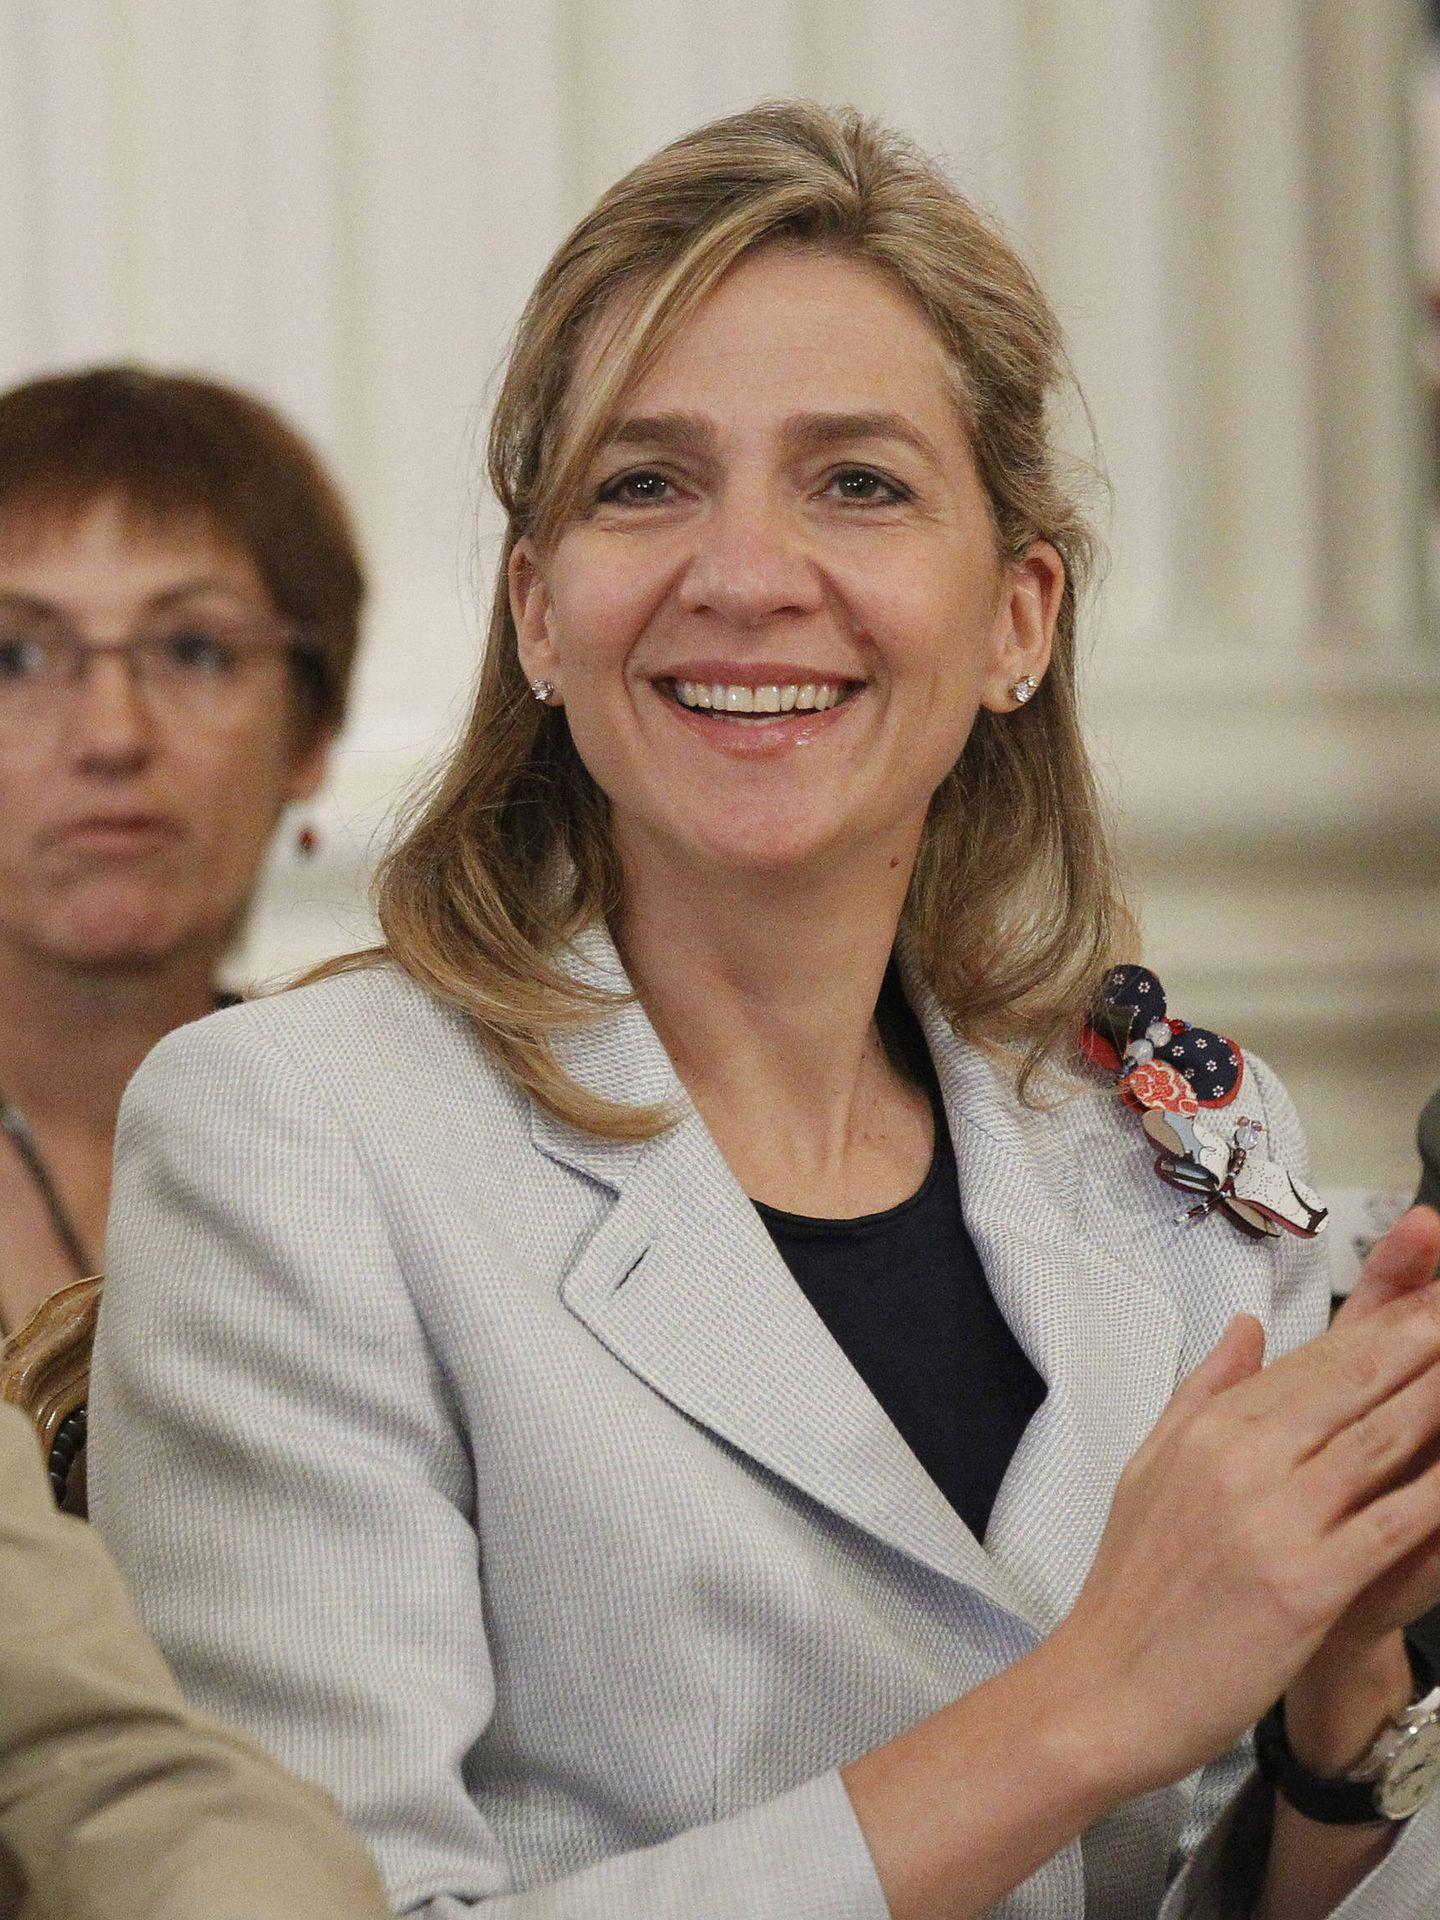 La infanta Cristina de Borbón, en unos premios de La Caixa. (EFE)